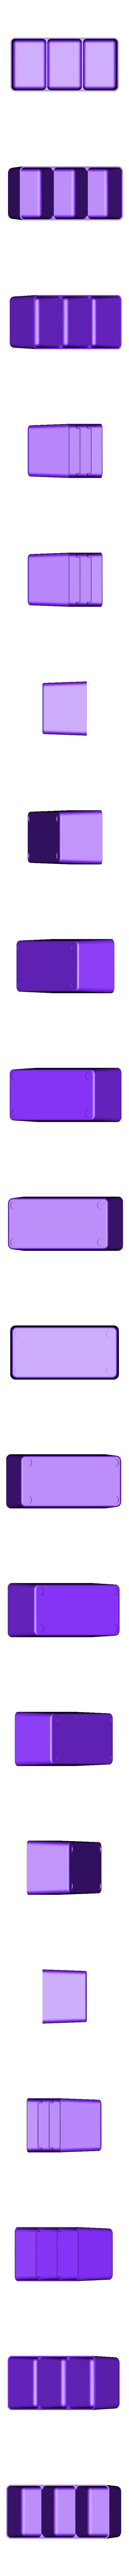 1-2__V2.stl Download STL file Allit Europlus organizer boxes • 3D printable model, baracuda86